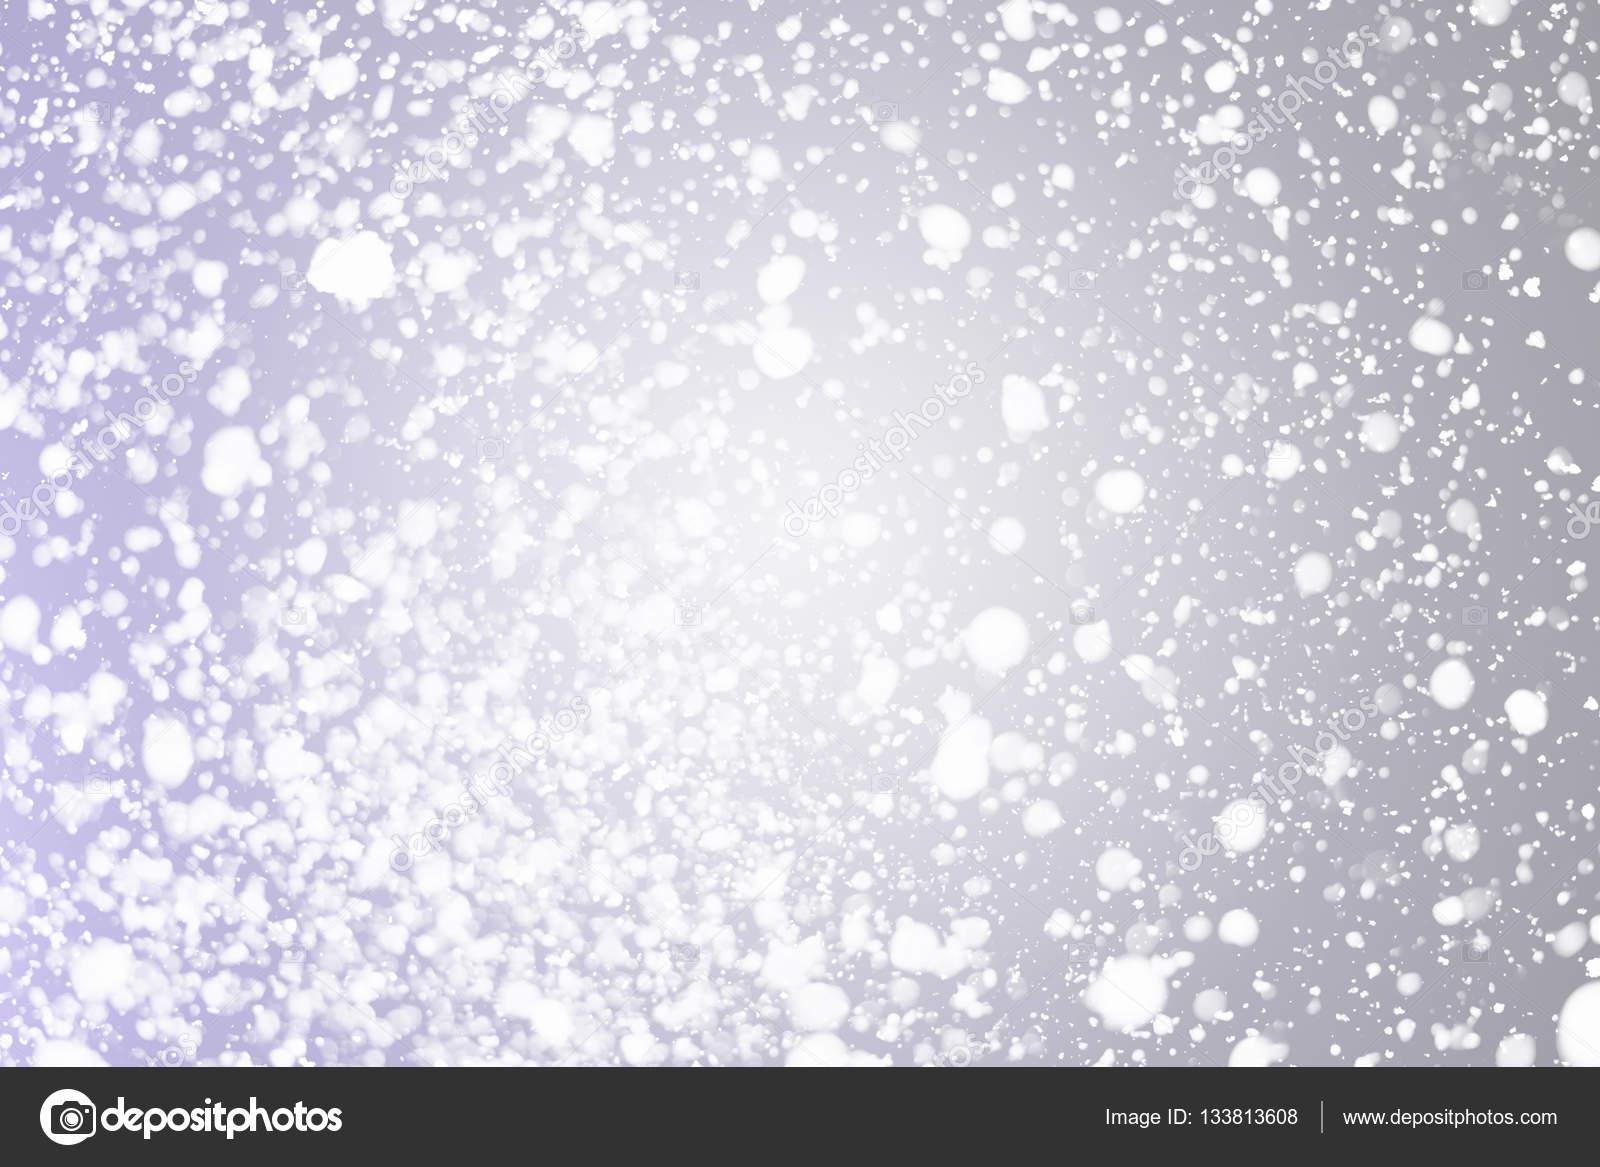 Fiocchi Di Neve Di Carta Modelli : Fiocchi di neve bokeh o glitter fondo argento festivo delle luci